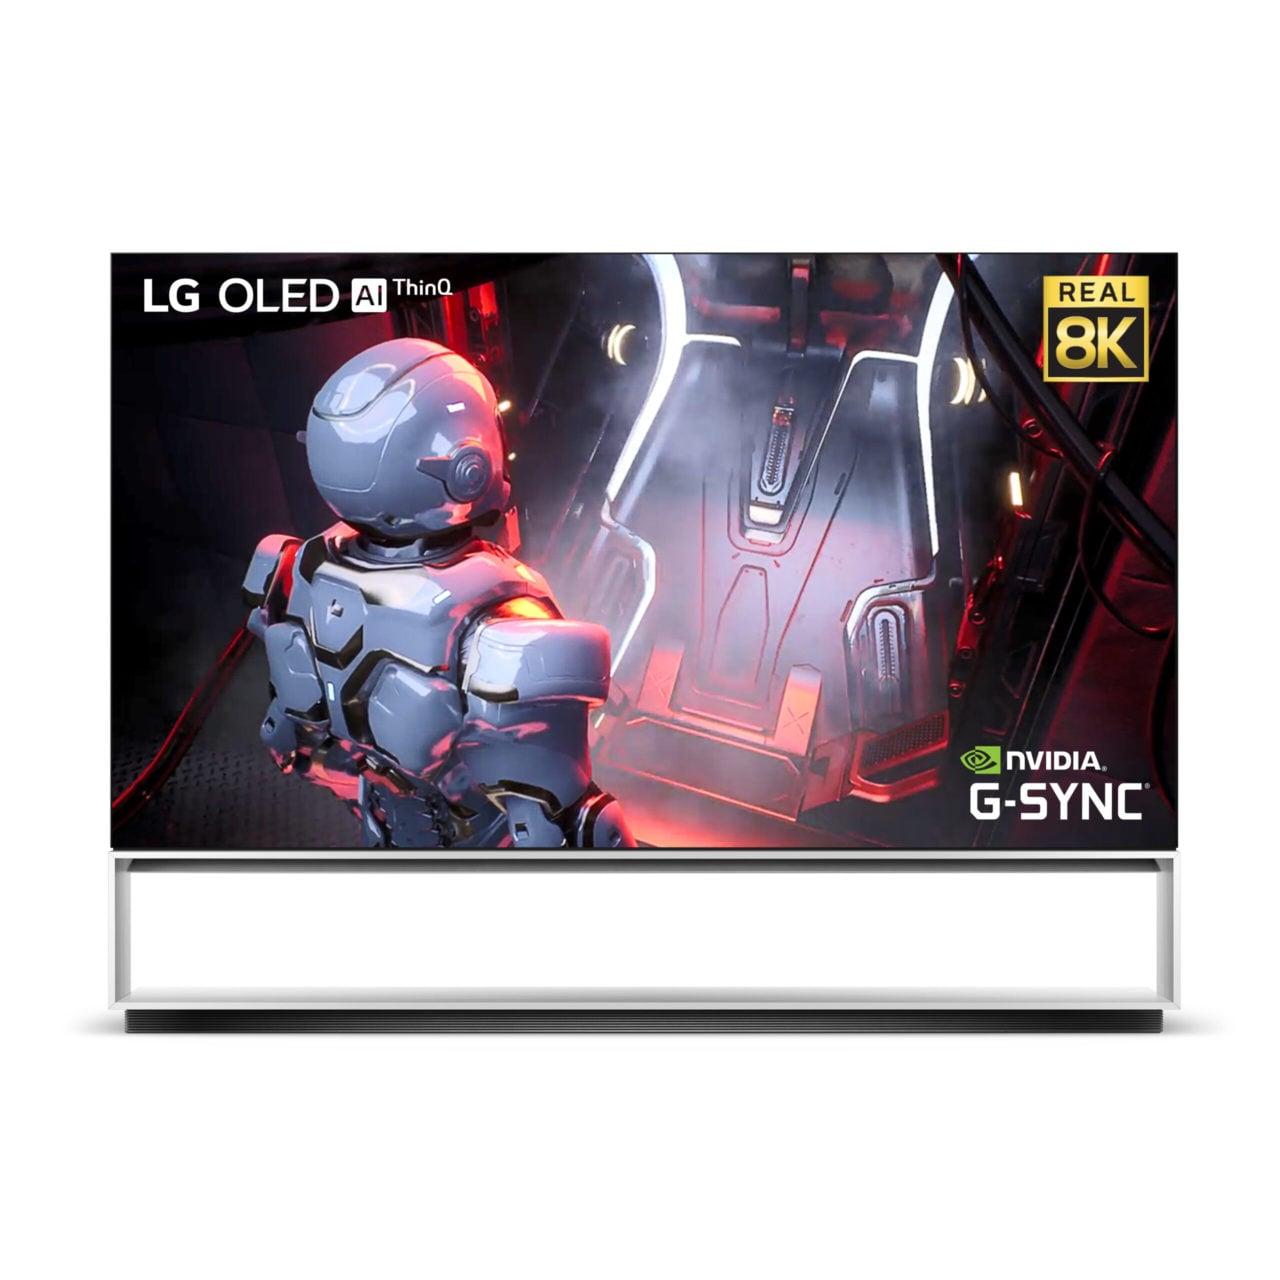 I TV OLED 8K di LG e le nuove GeForce RTX sono perfetti insieme, non pare anche a voi?